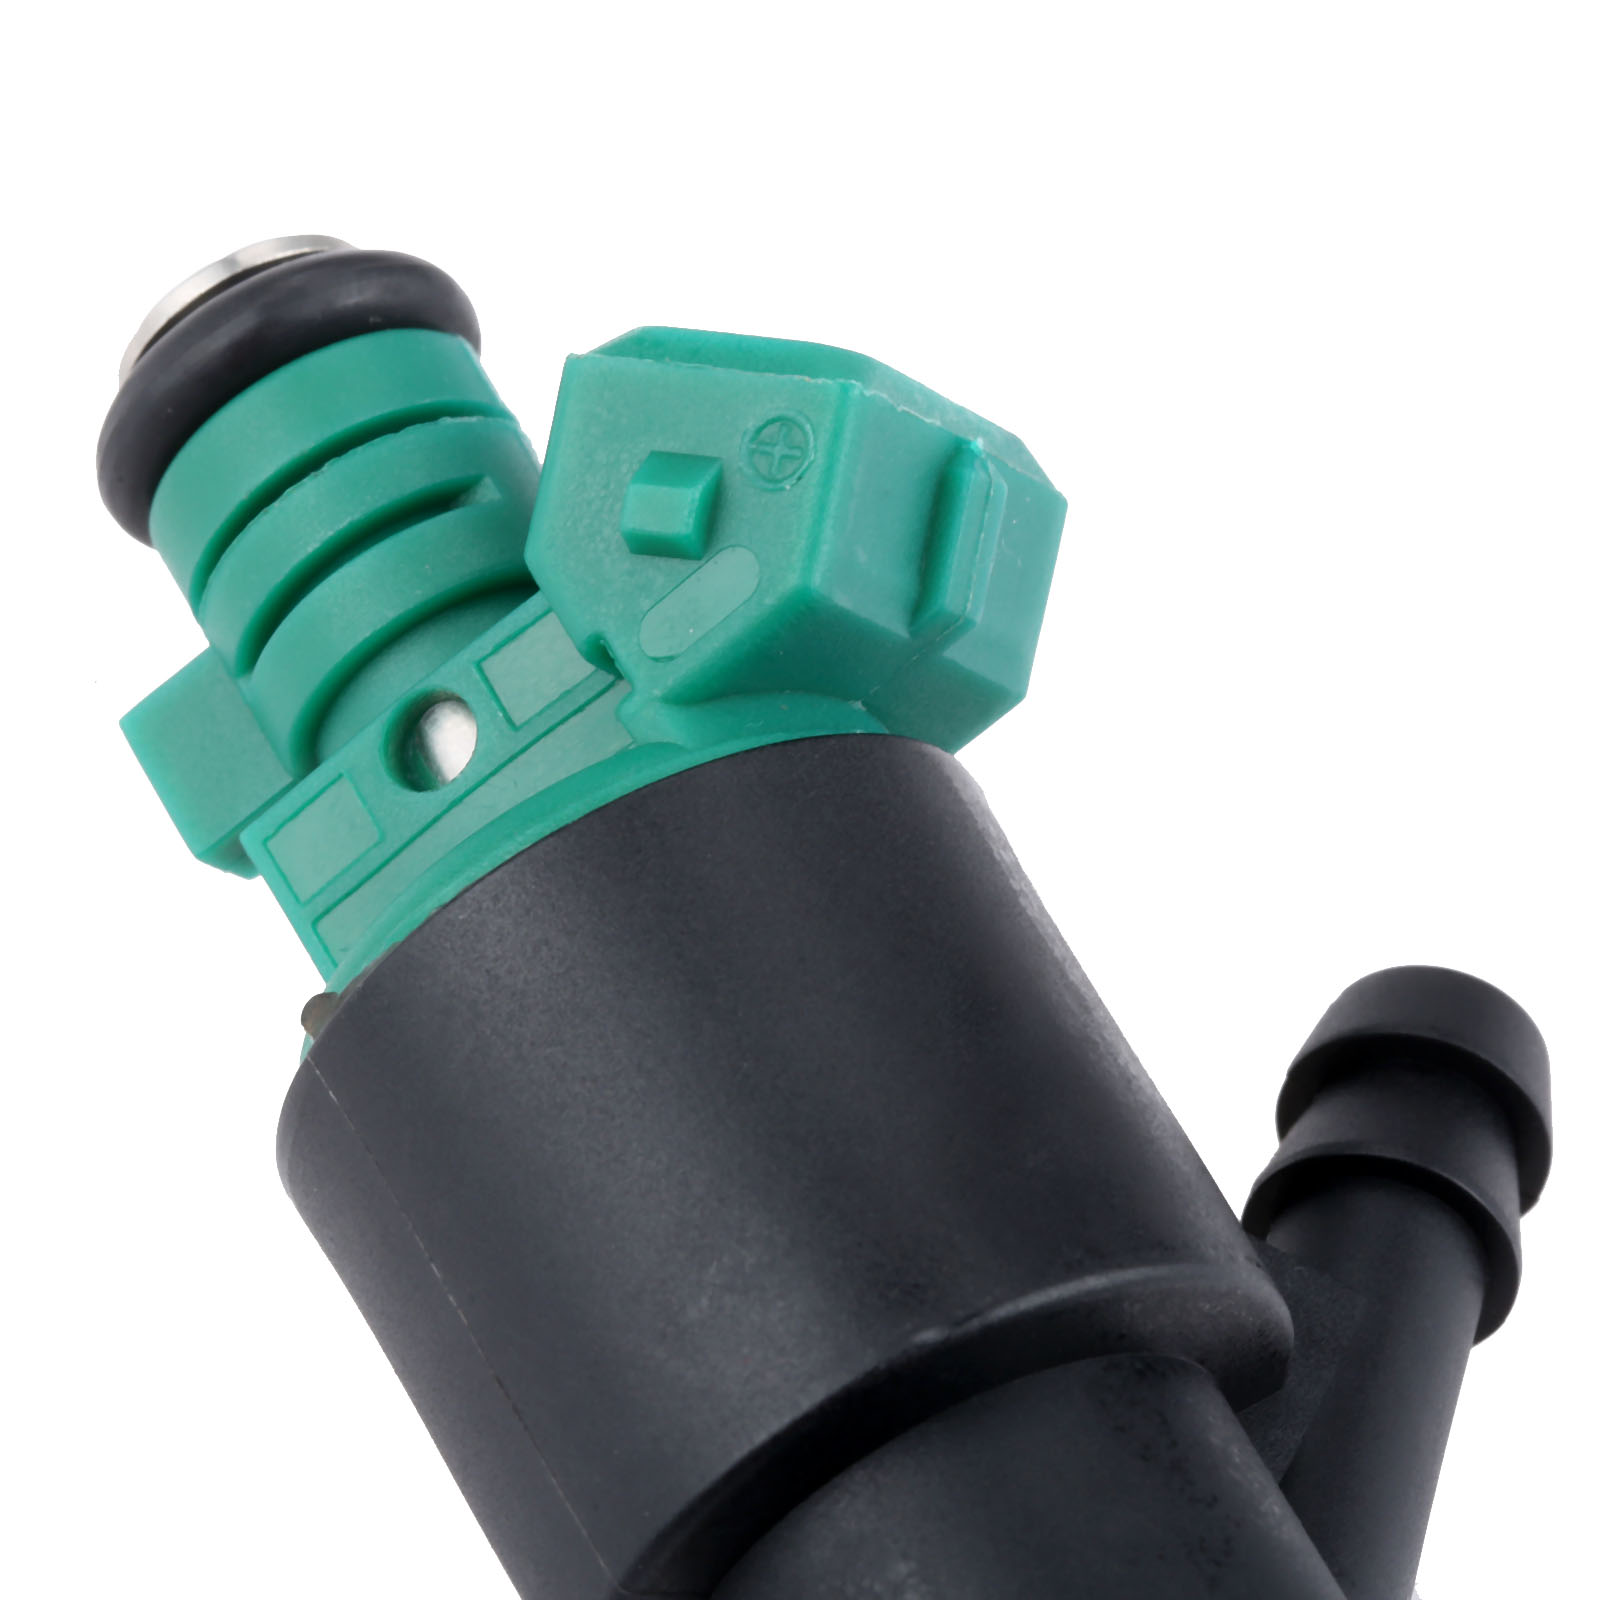 Image 5 - Yetaha новый топливный инжектор для Kia Sportage 2.0L 0280150502 0K01D13250 84212229 автомобильные аксессуары для топлива-in Топливный инжектор from Автомобили и мотоциклы